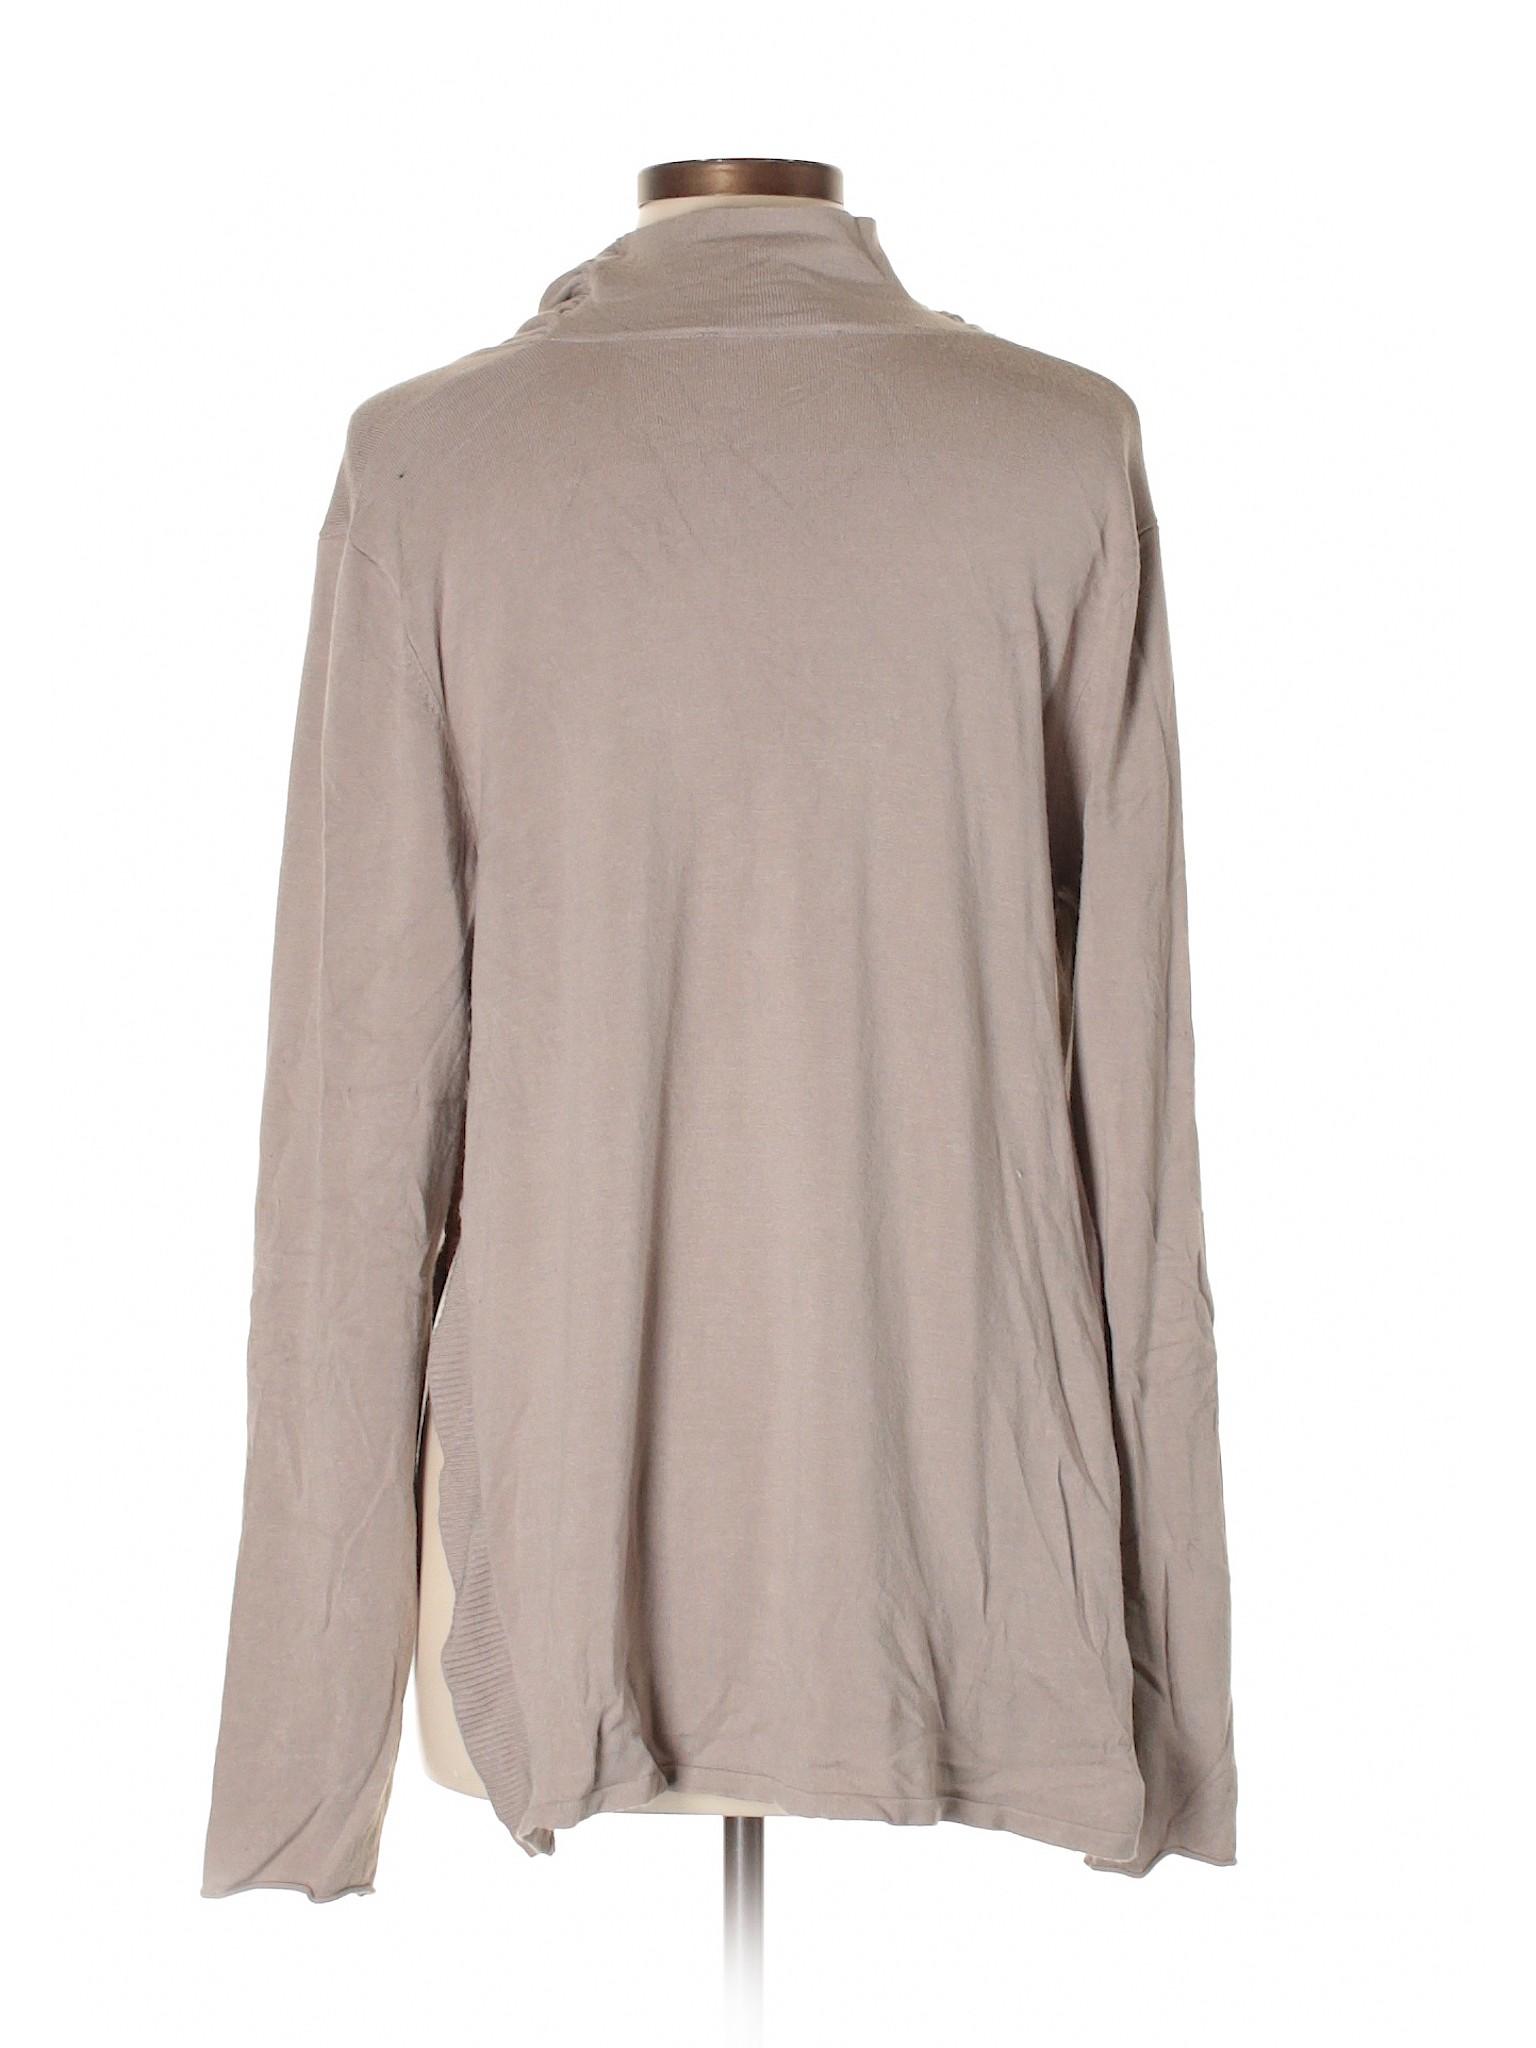 Boutique Boutique Pullover Grace Grace Elements Elements Pullover Boutique Sweater Grace Elements Sweater gw0Fdwq